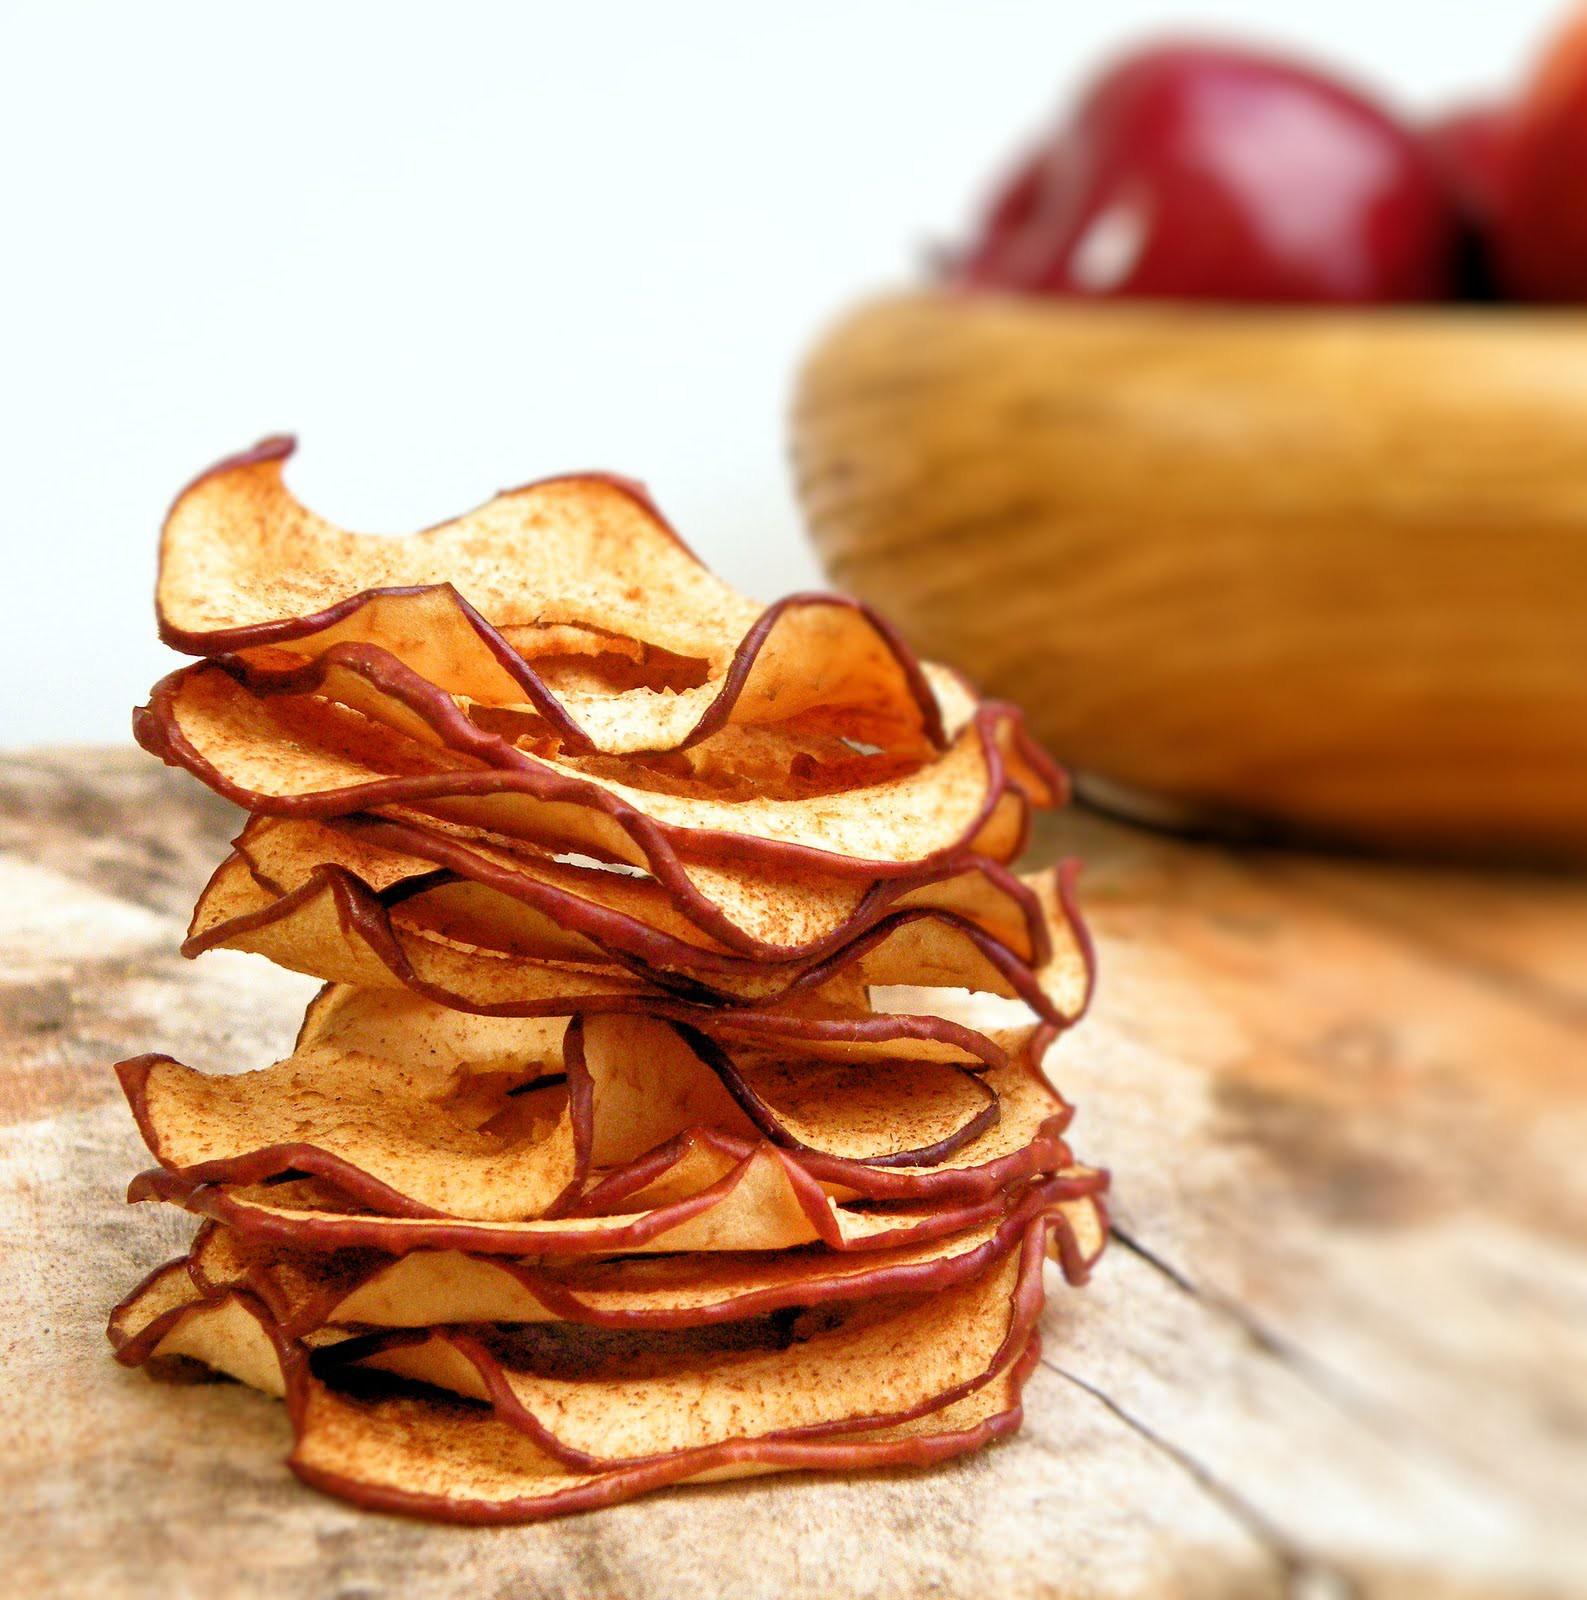 Snack táo siêu ngon mà ăn bao nhiêu cũng không sợ tăng cân - Ảnh 5.